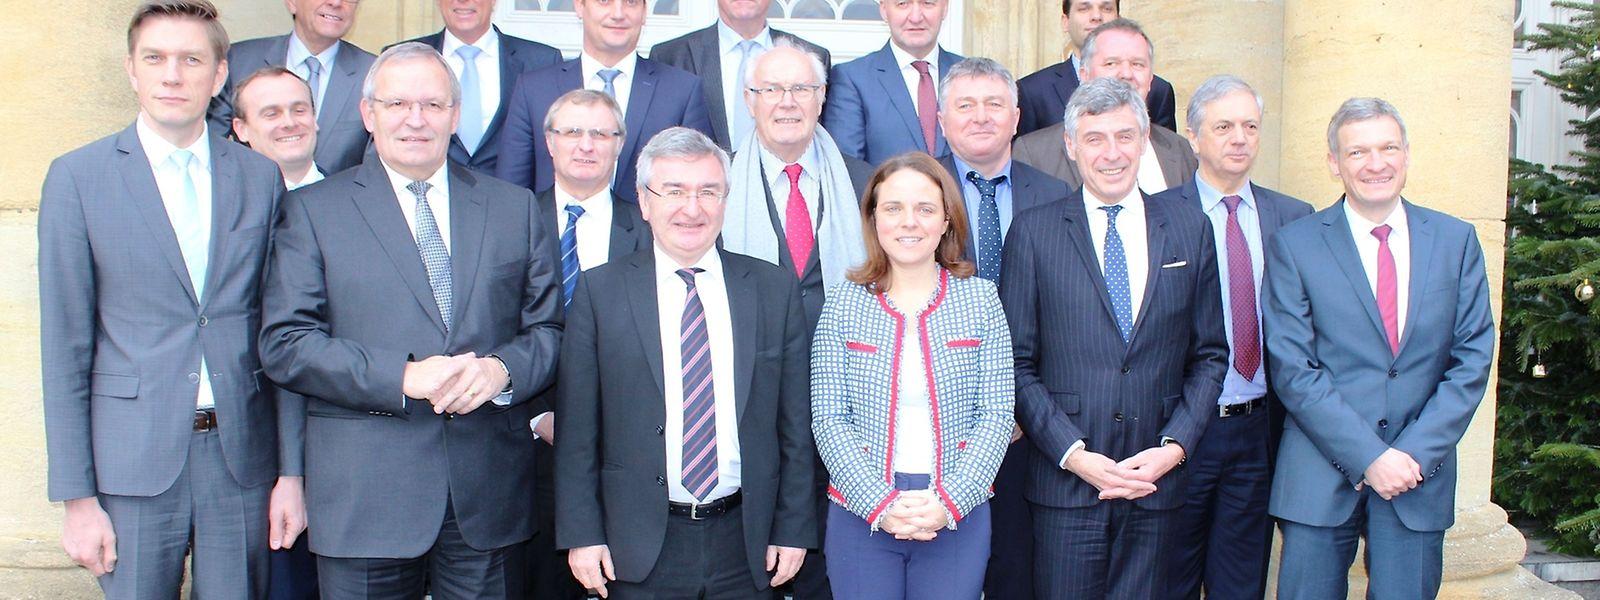 La passation de pouvoir à la présidence de la Grande Région s'est faite mardi à Arlon.